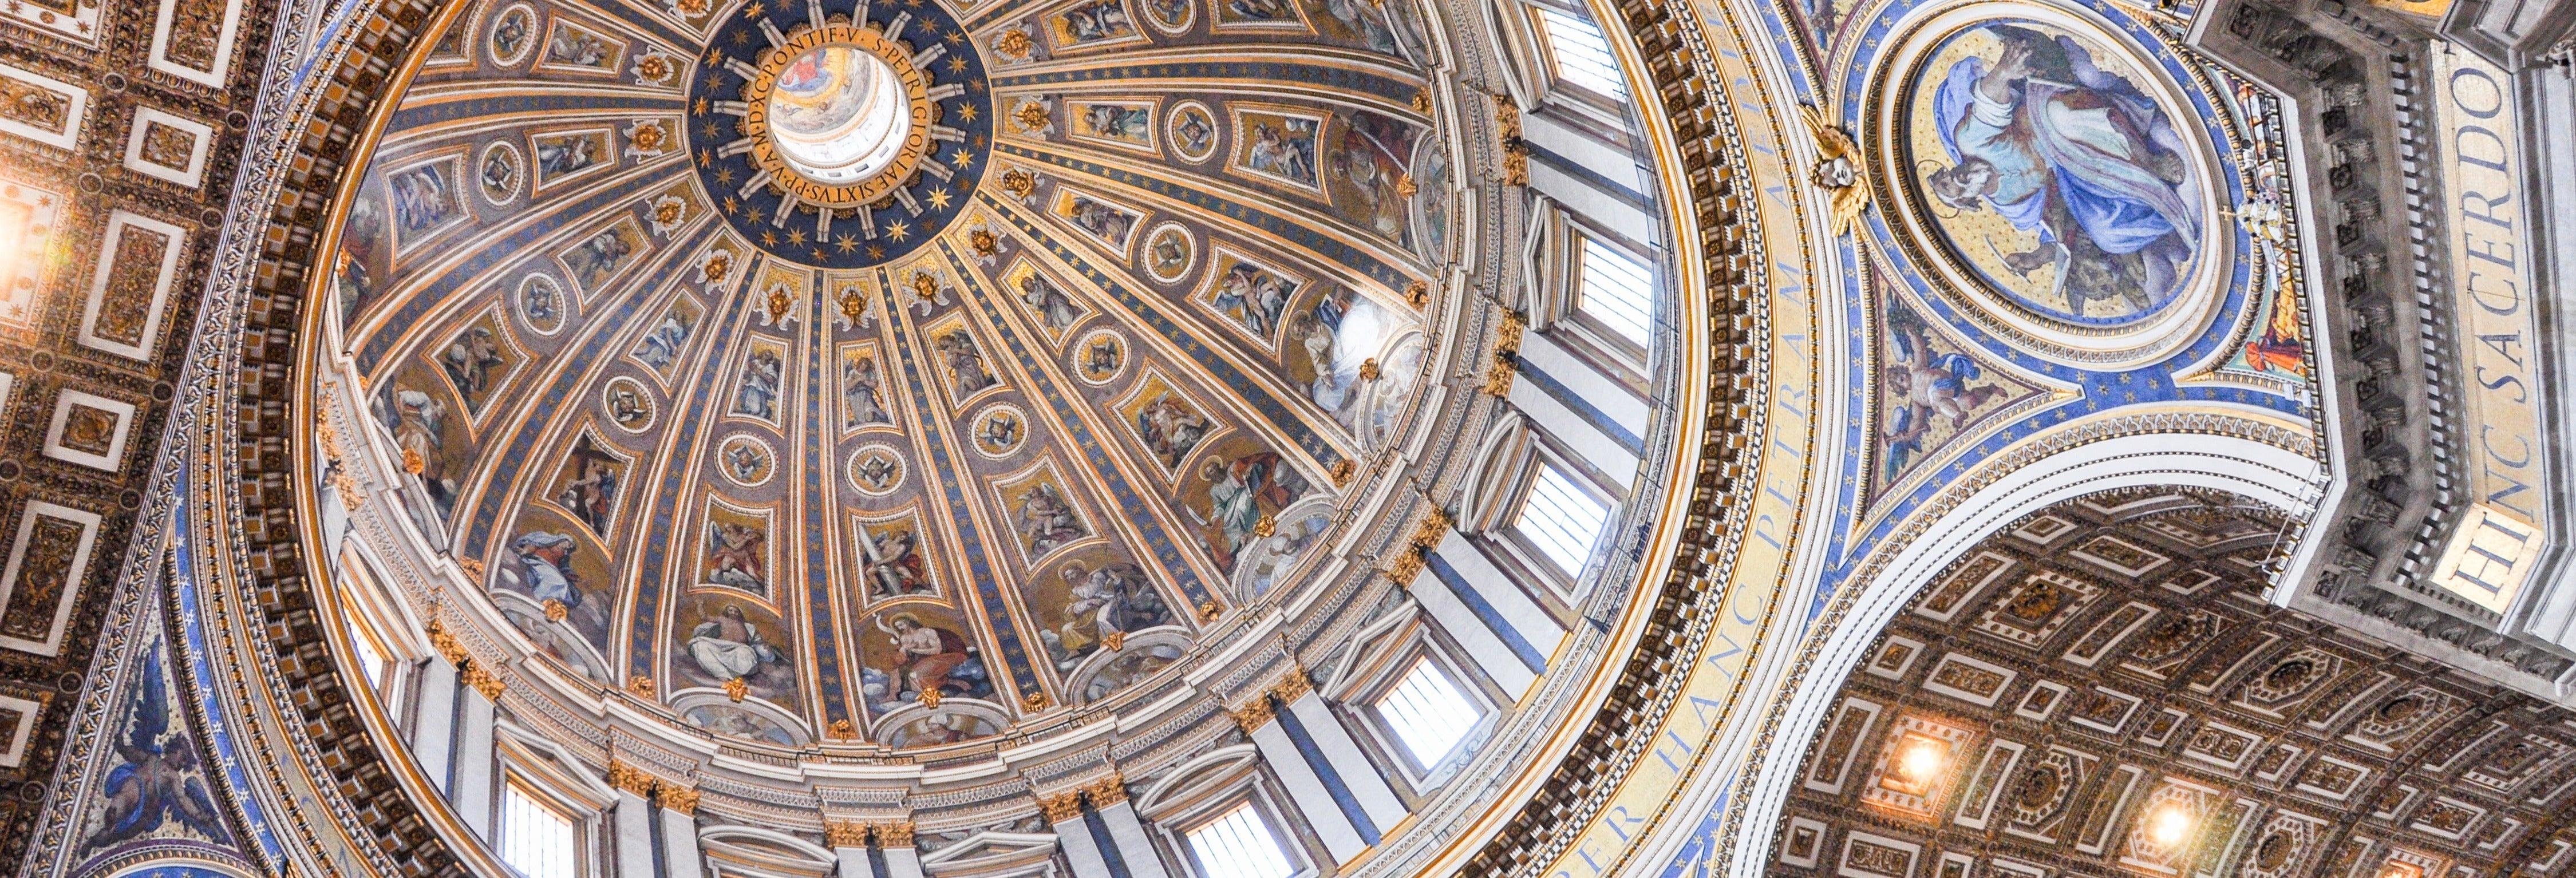 Visita guidata della Basilica di San Pietro